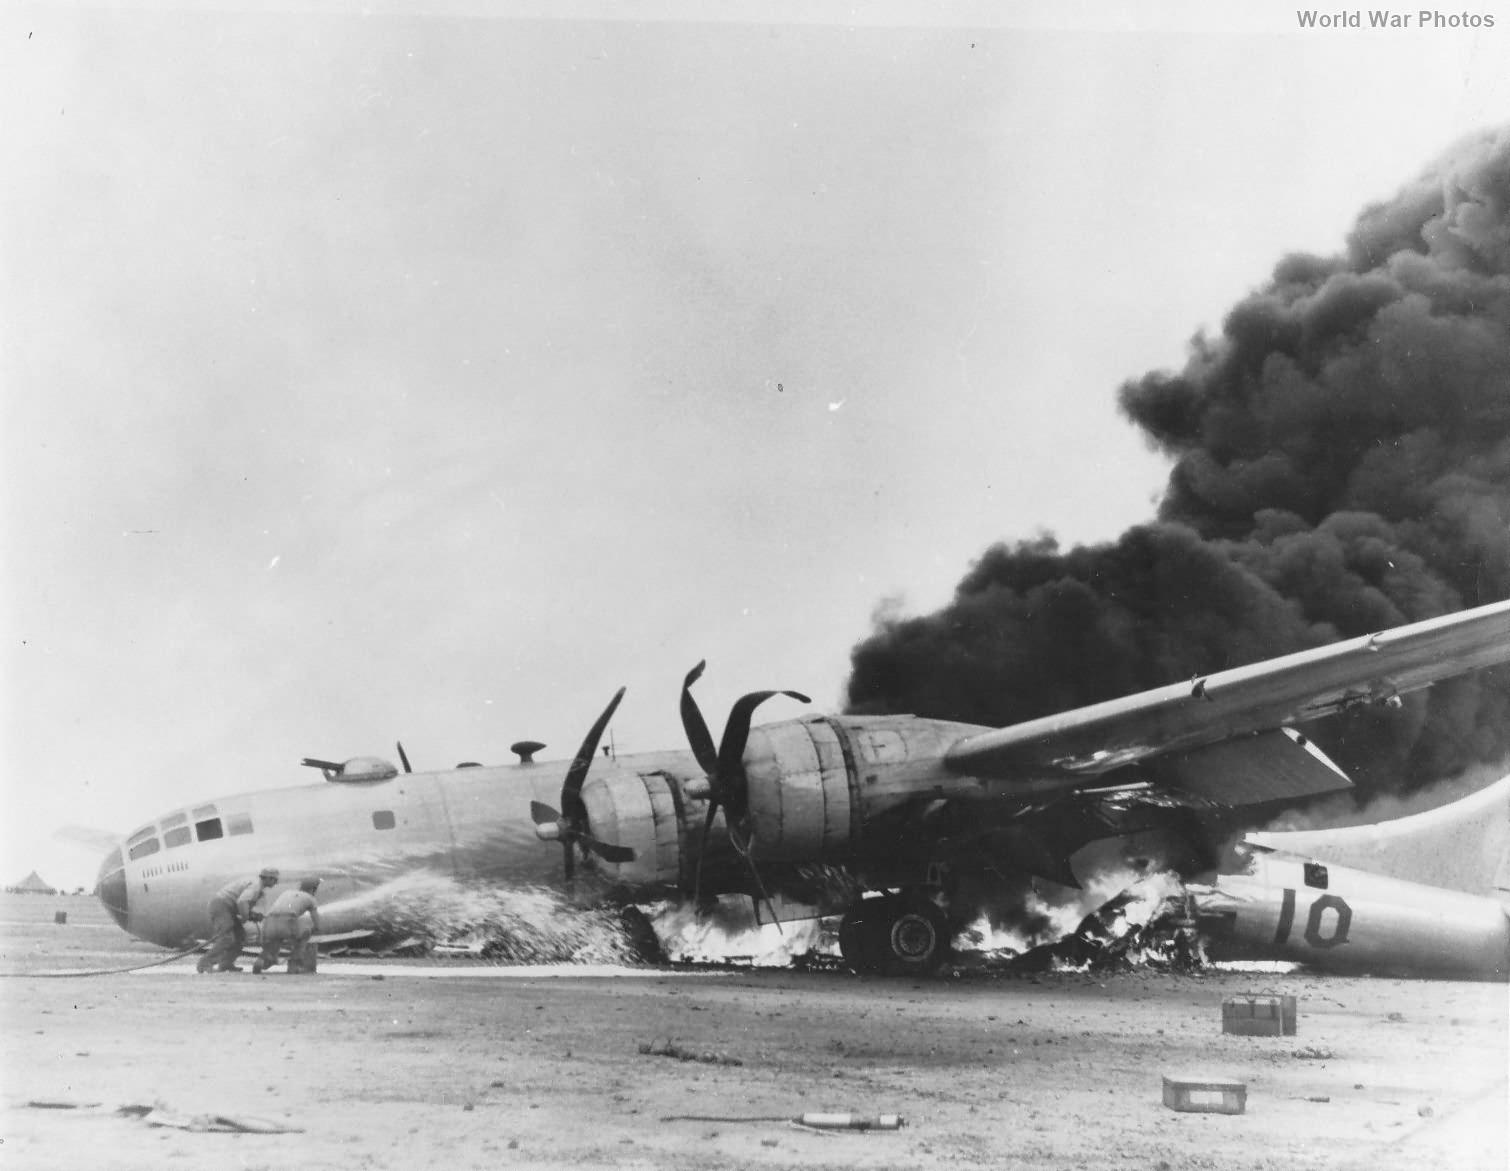 Burning B-29 Iwo Jima July 1945